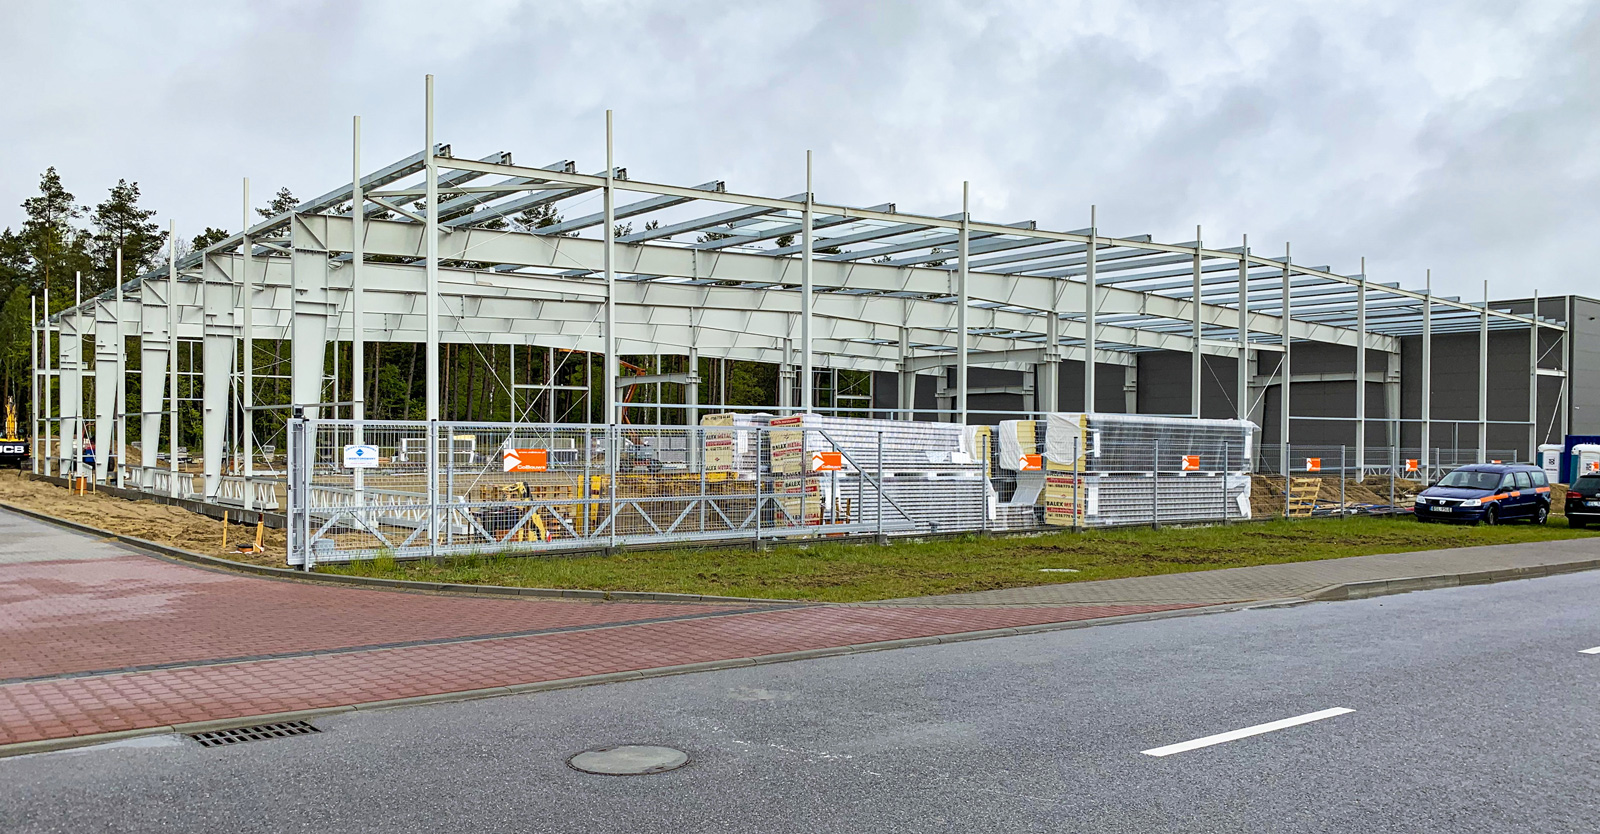 konstrukcja przed montażem obudowy dachowej i ściennej - budowa pod klucz, w Płaszewku, na terenie Słuoskiej SSE, dla Viscon Group Polska